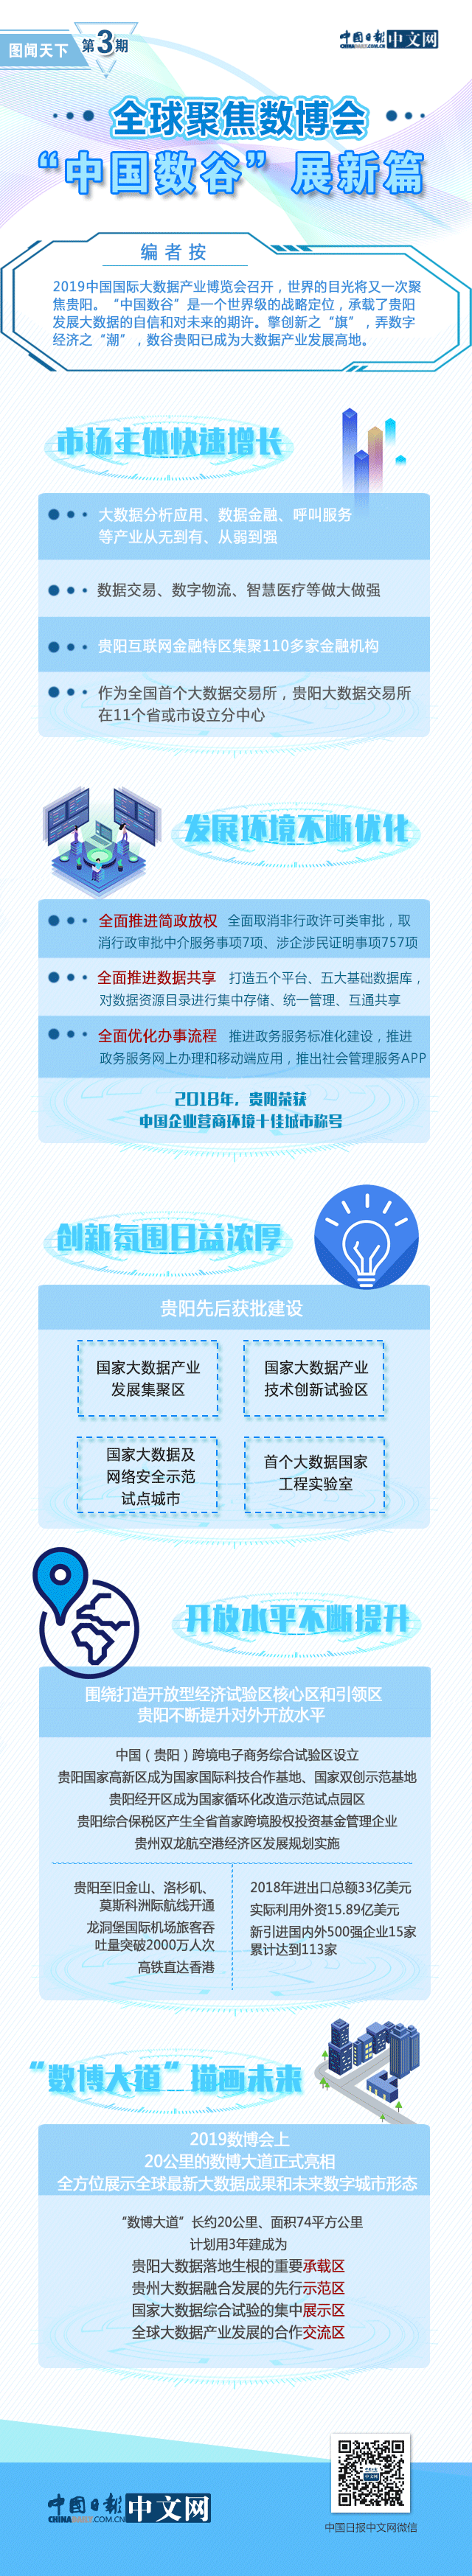 """图解丨全球聚焦数博会 """"中国数谷""""展新篇"""